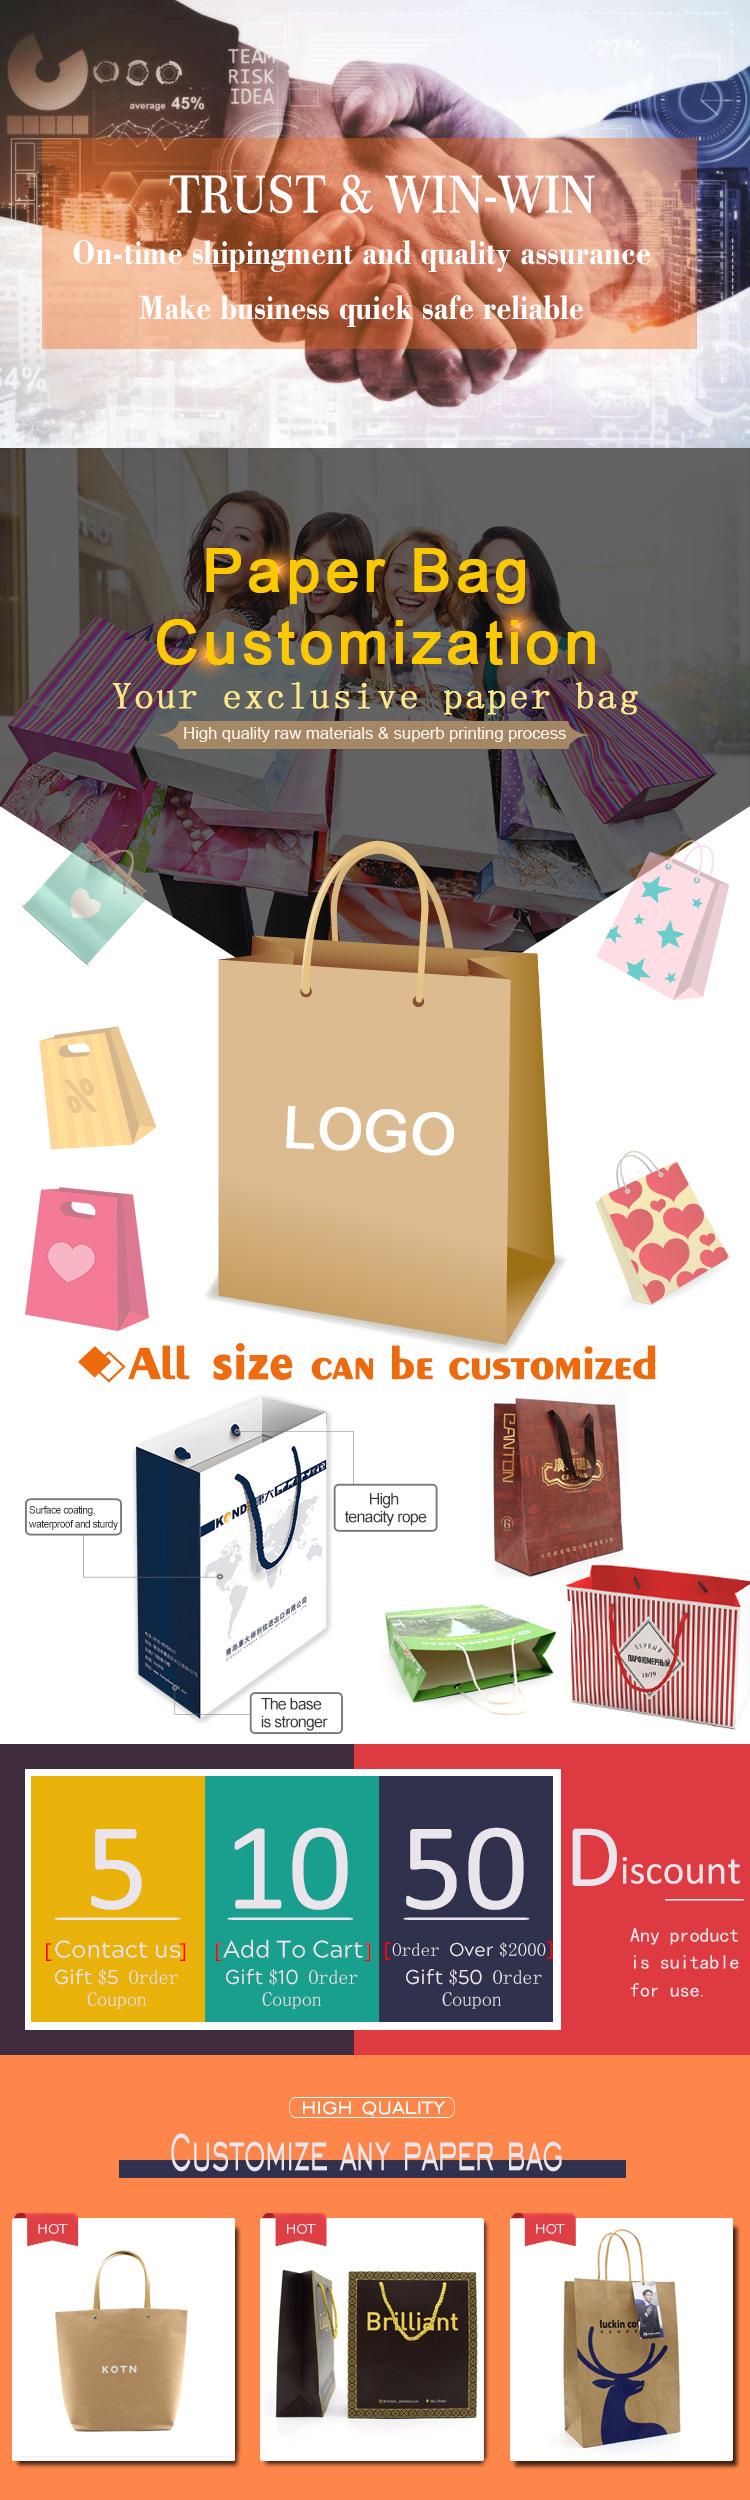 カスタムギフトボックス衣類包装クラフト紙ハンドル印刷ブランド名ロゴ